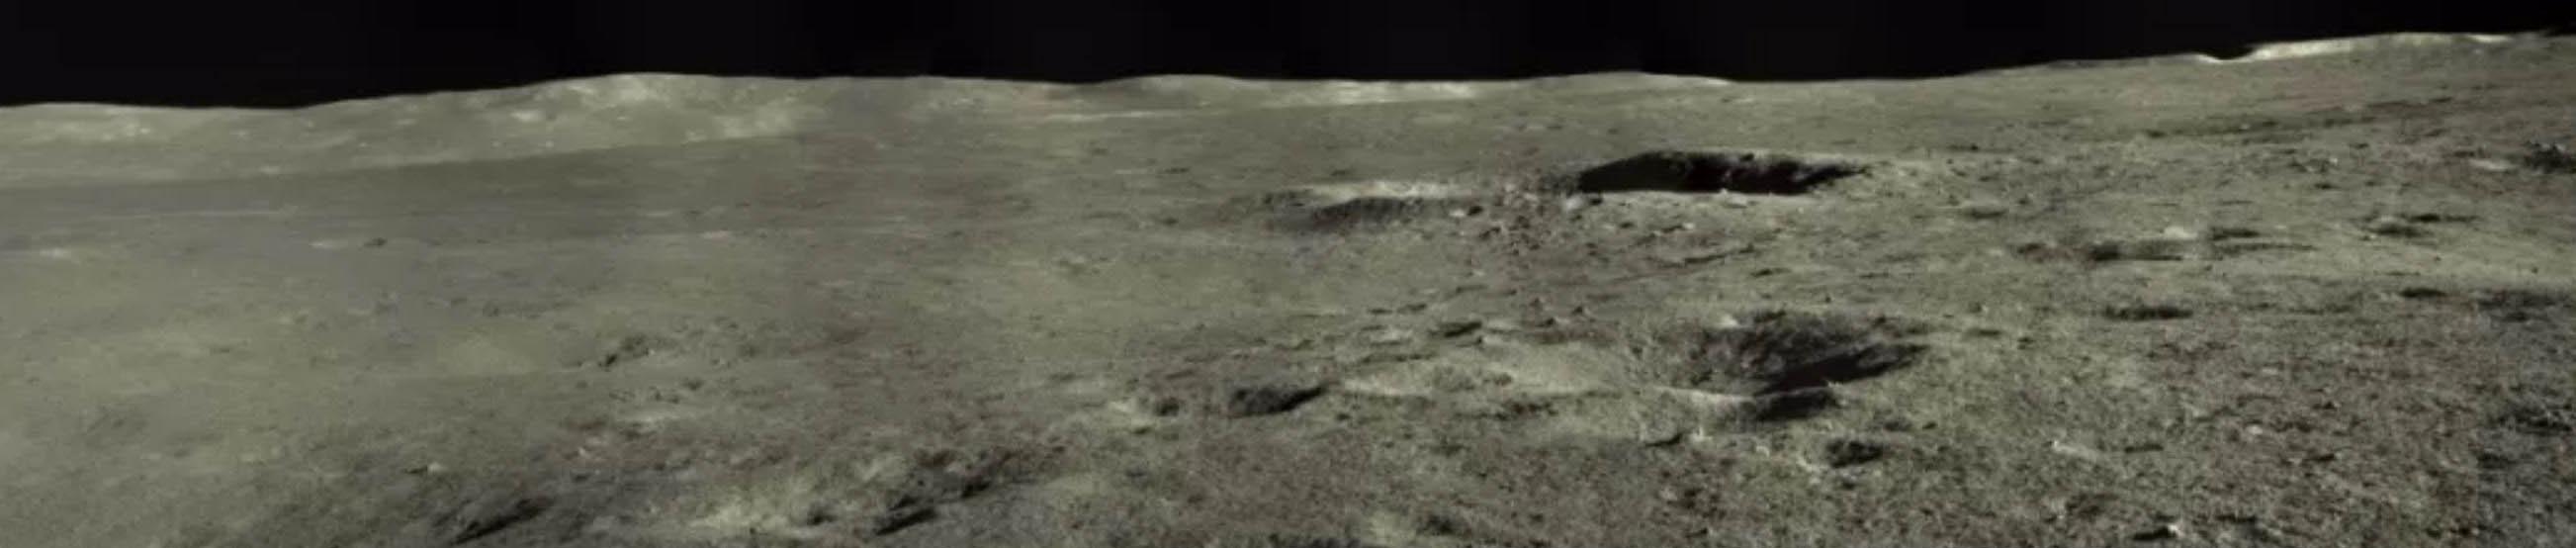 Lunar Day 12 panorama